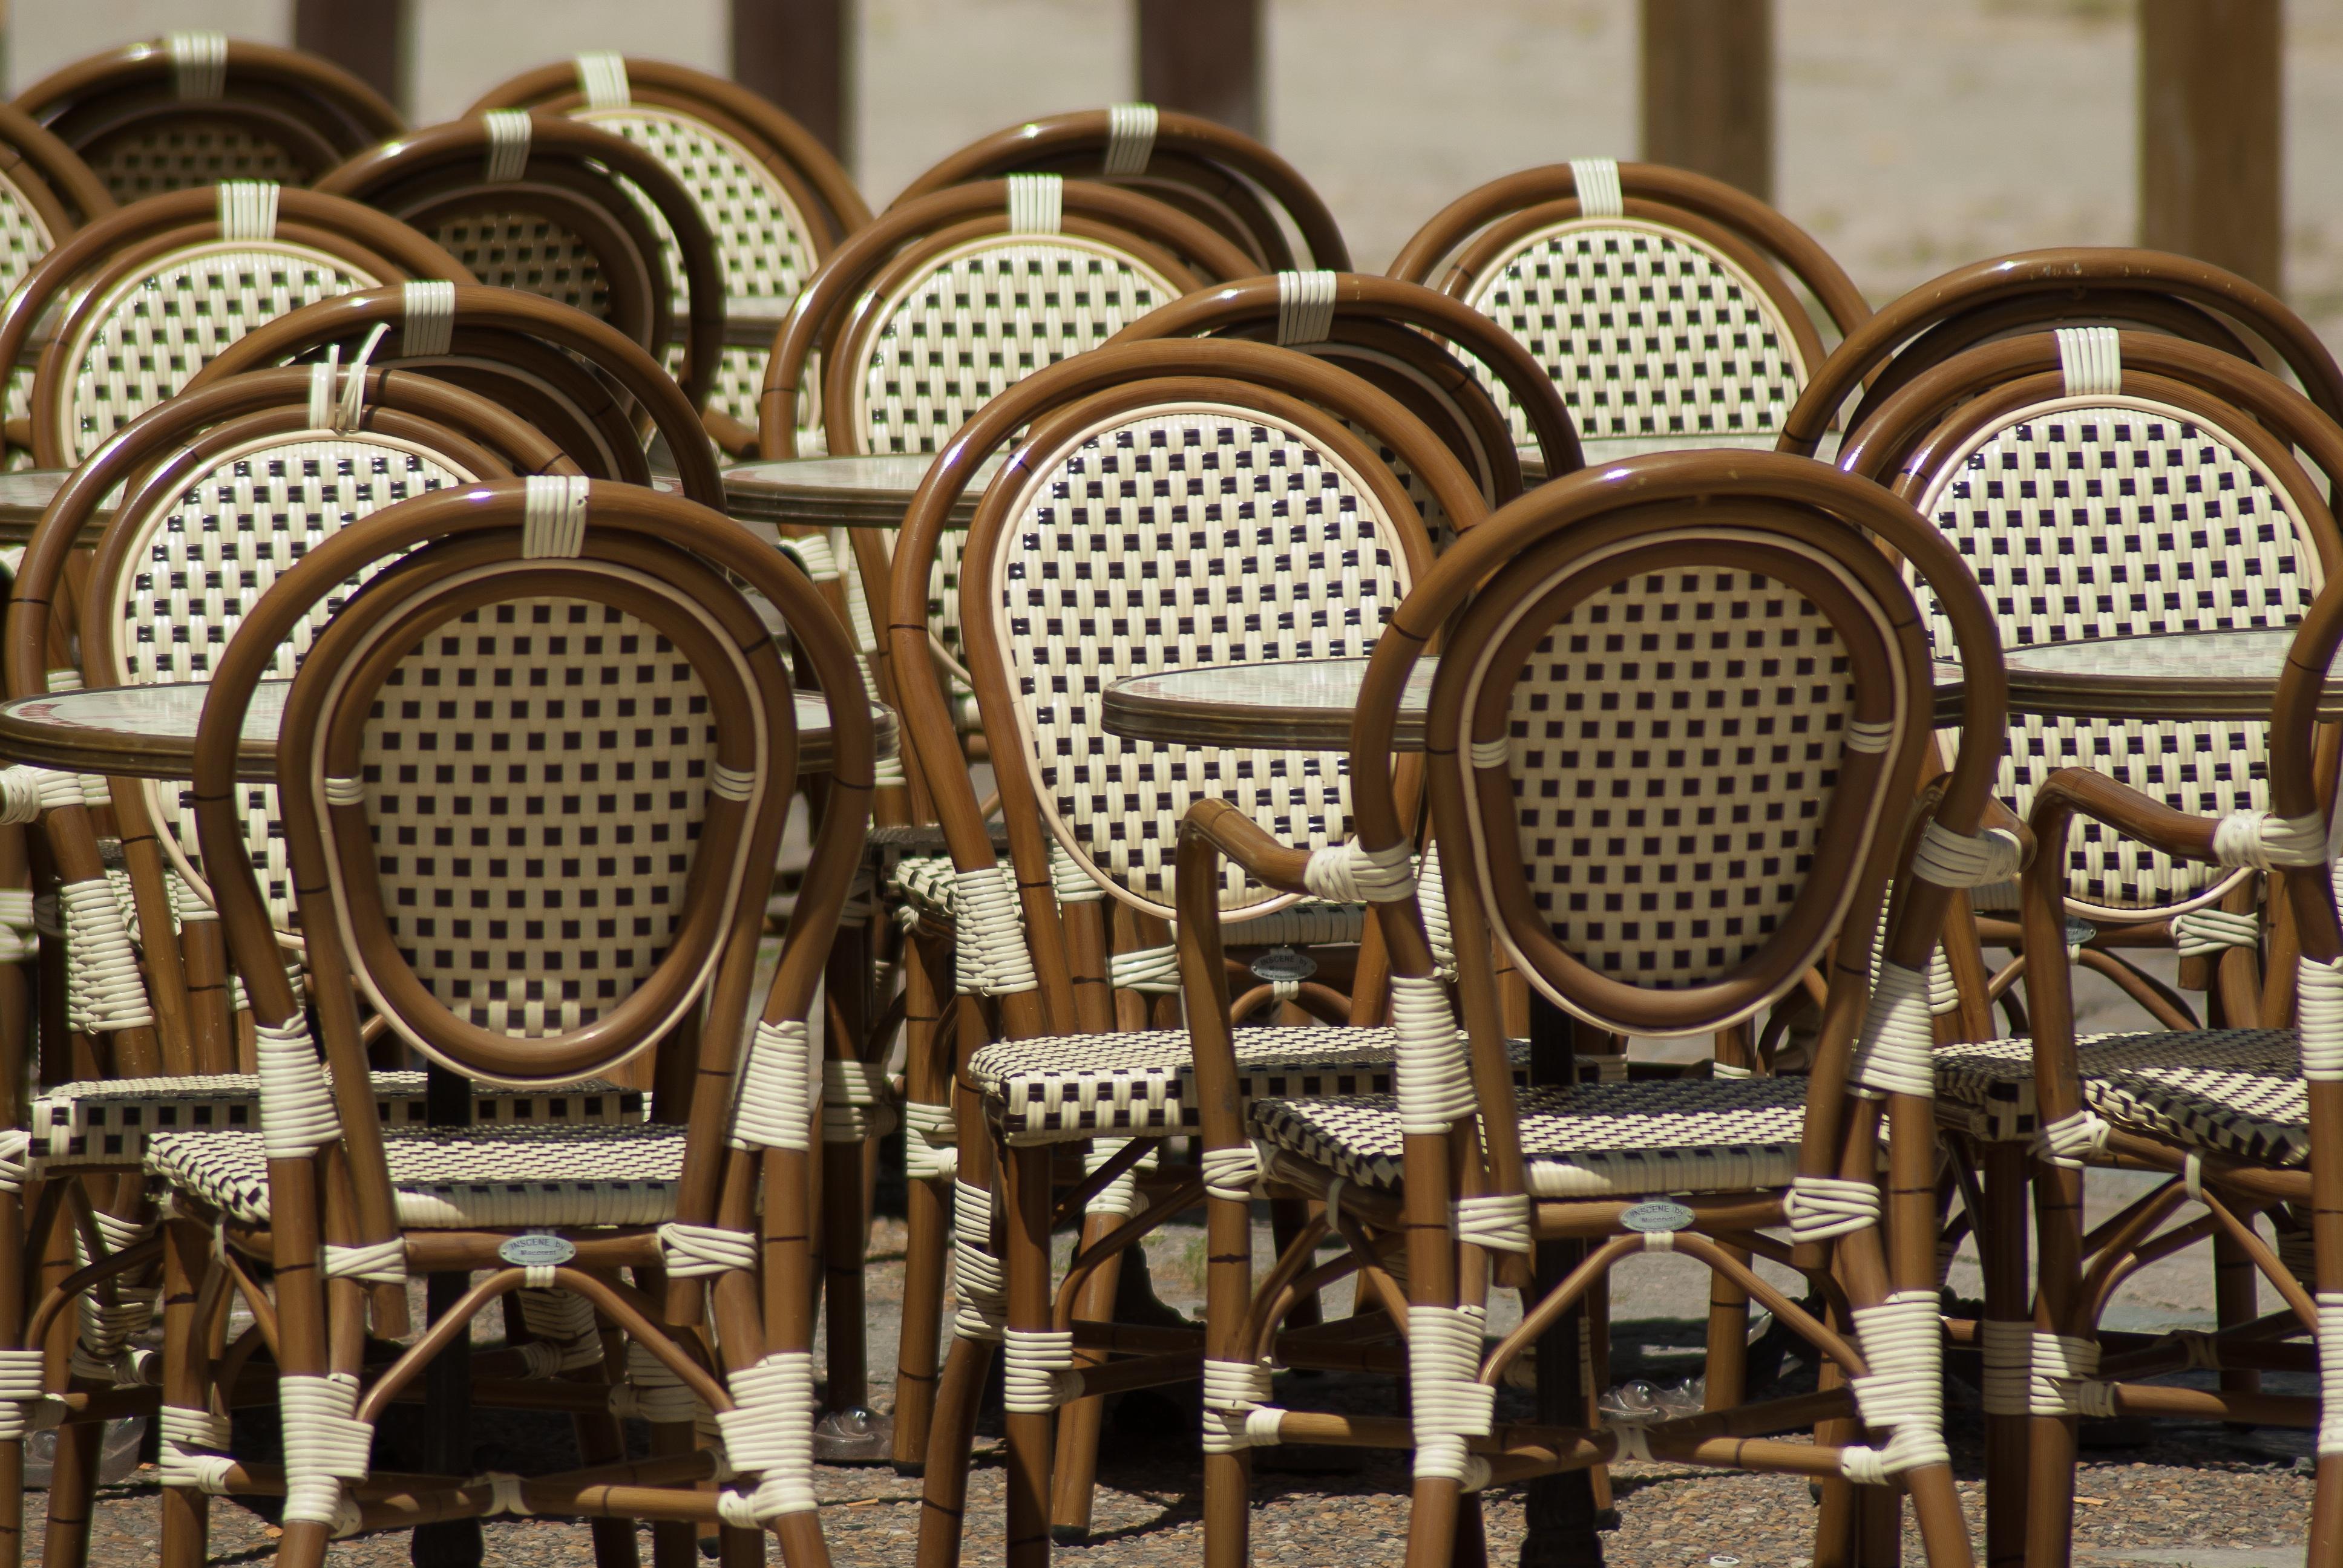 Fotos Gratis Silla Bar Sillas Terraza Sinagoga Mesas